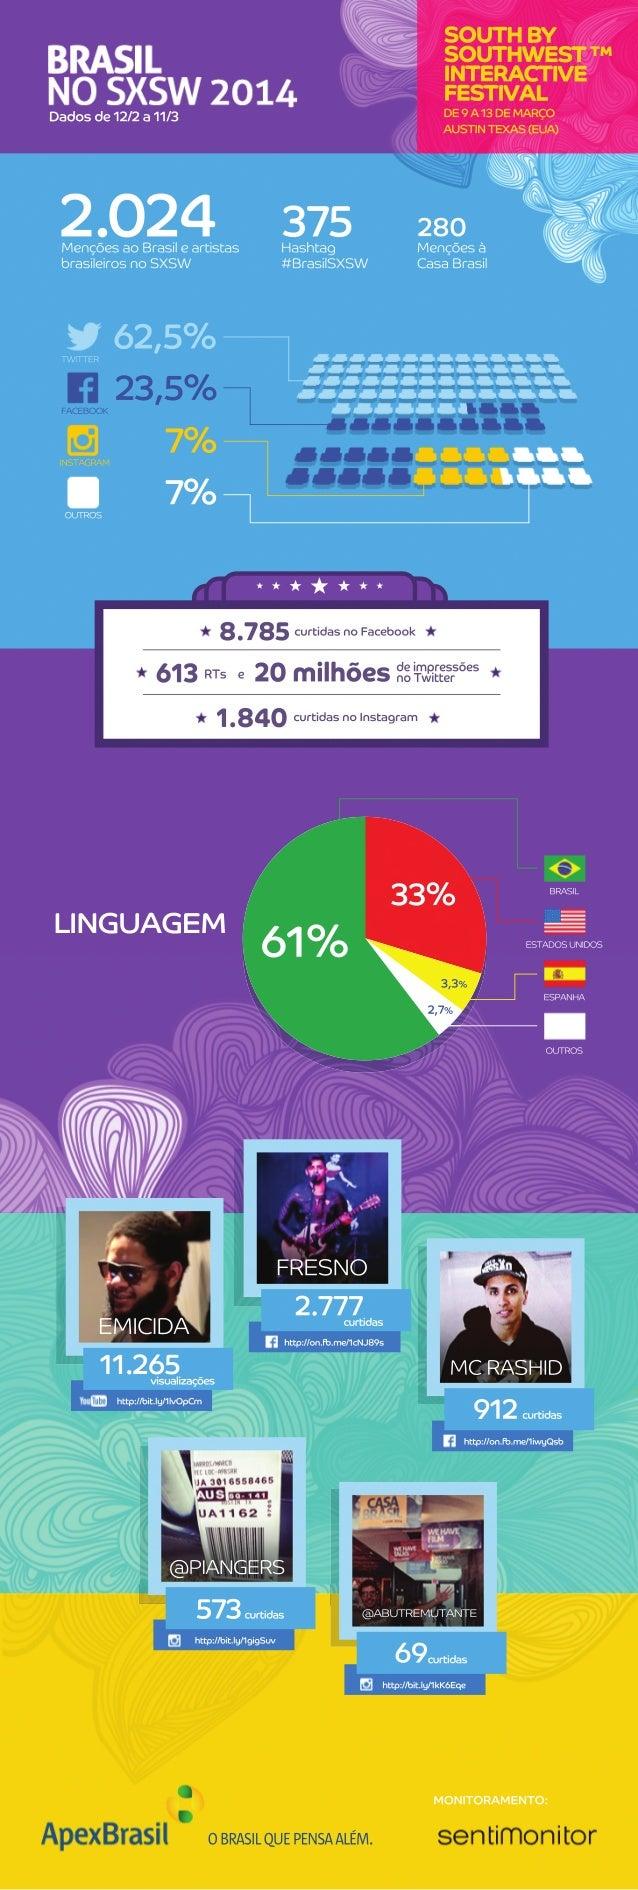 MONITORAMENTO: OBRASILQUEPENSAALÉM. MençõesaoBrasileartistas brasileirosnoSXSW Hashtag #BrasilSXSW Mençõesà CasaBrasil 2.0...